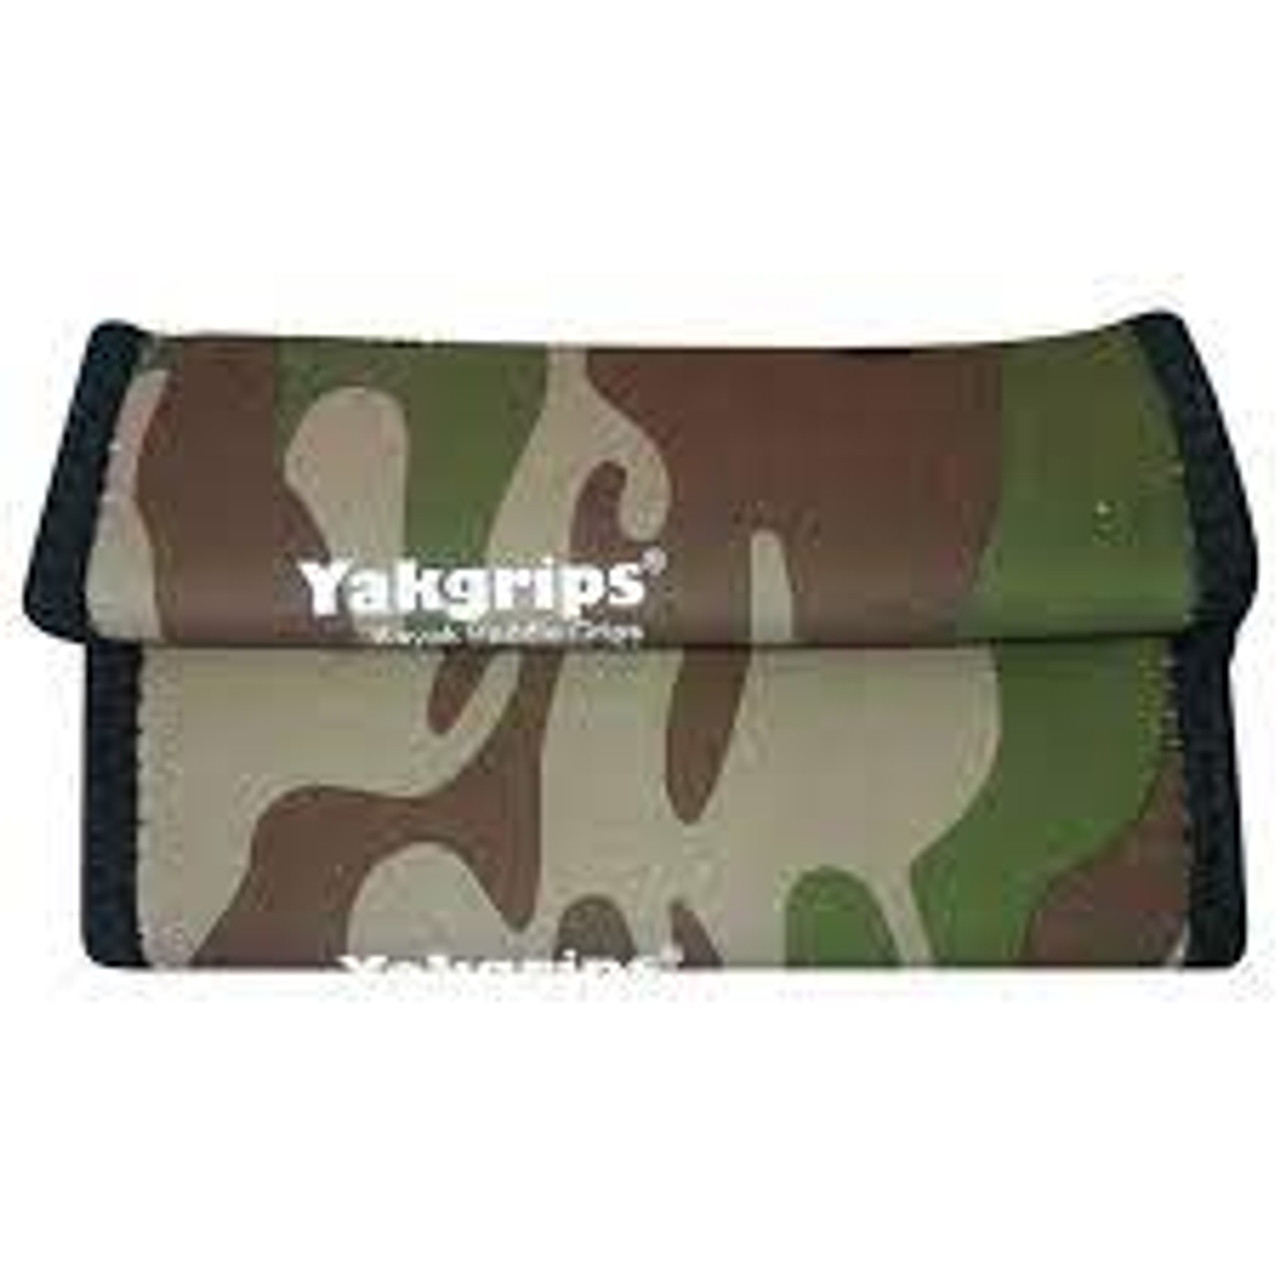 YakGrips